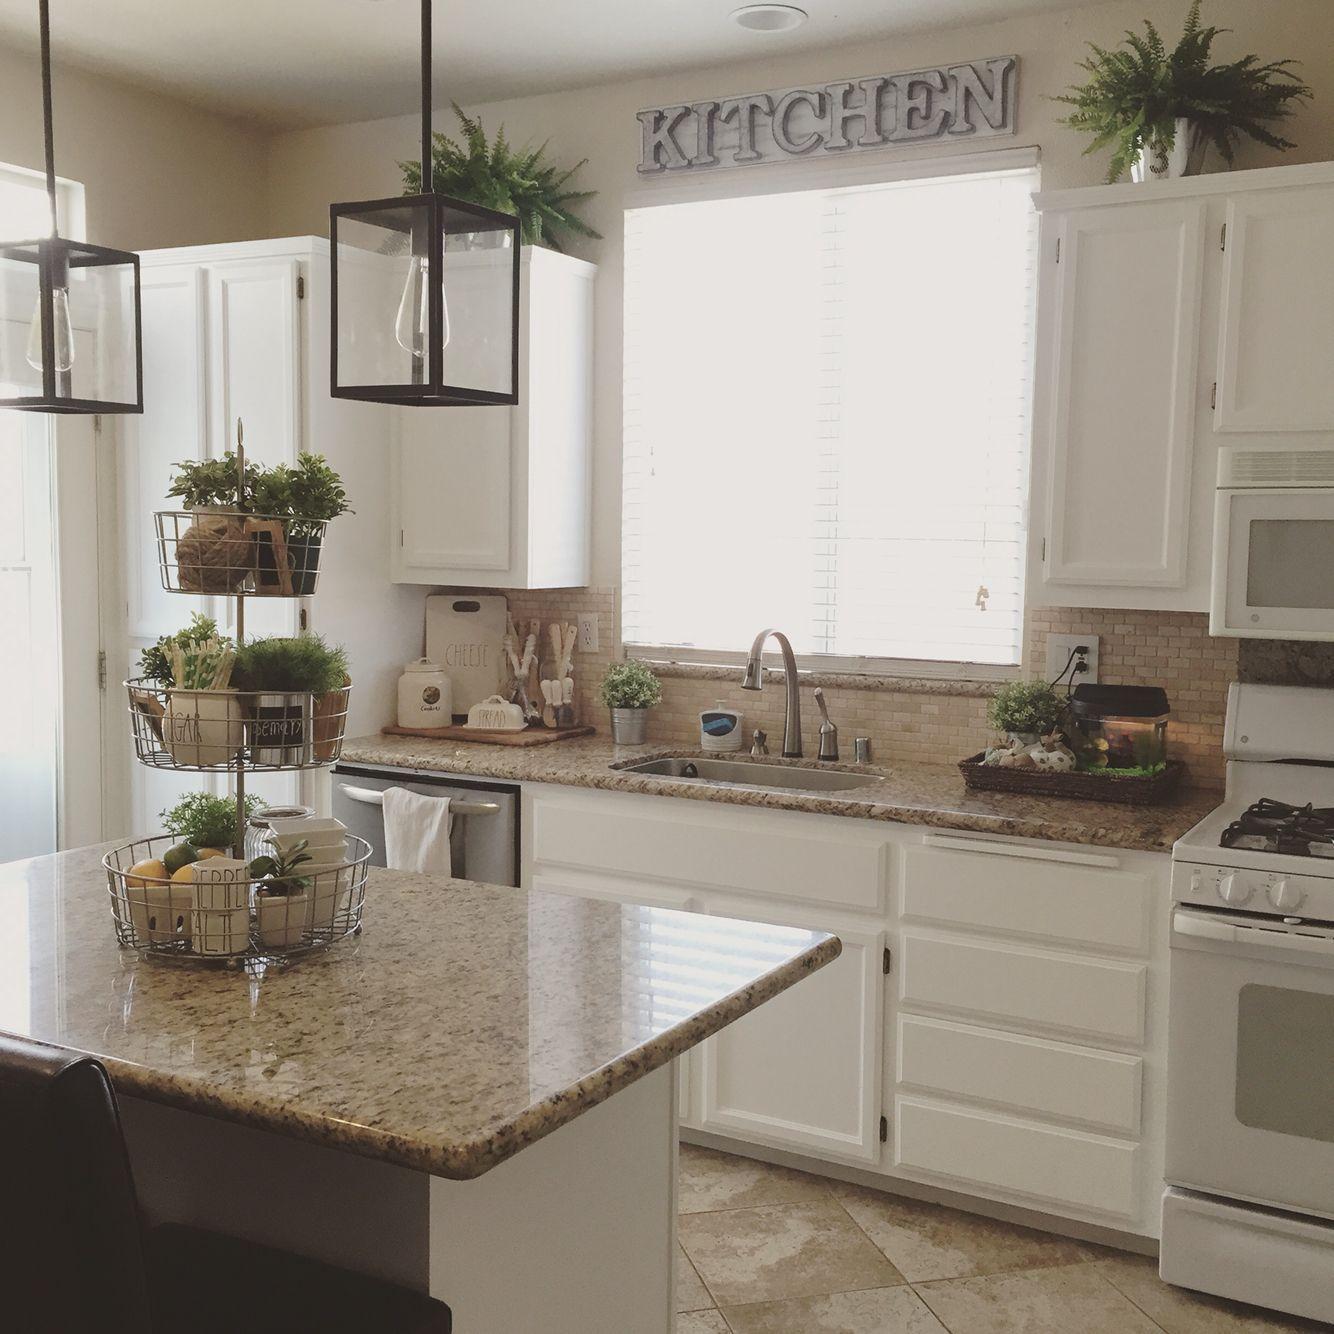 New Kitchen In 2019